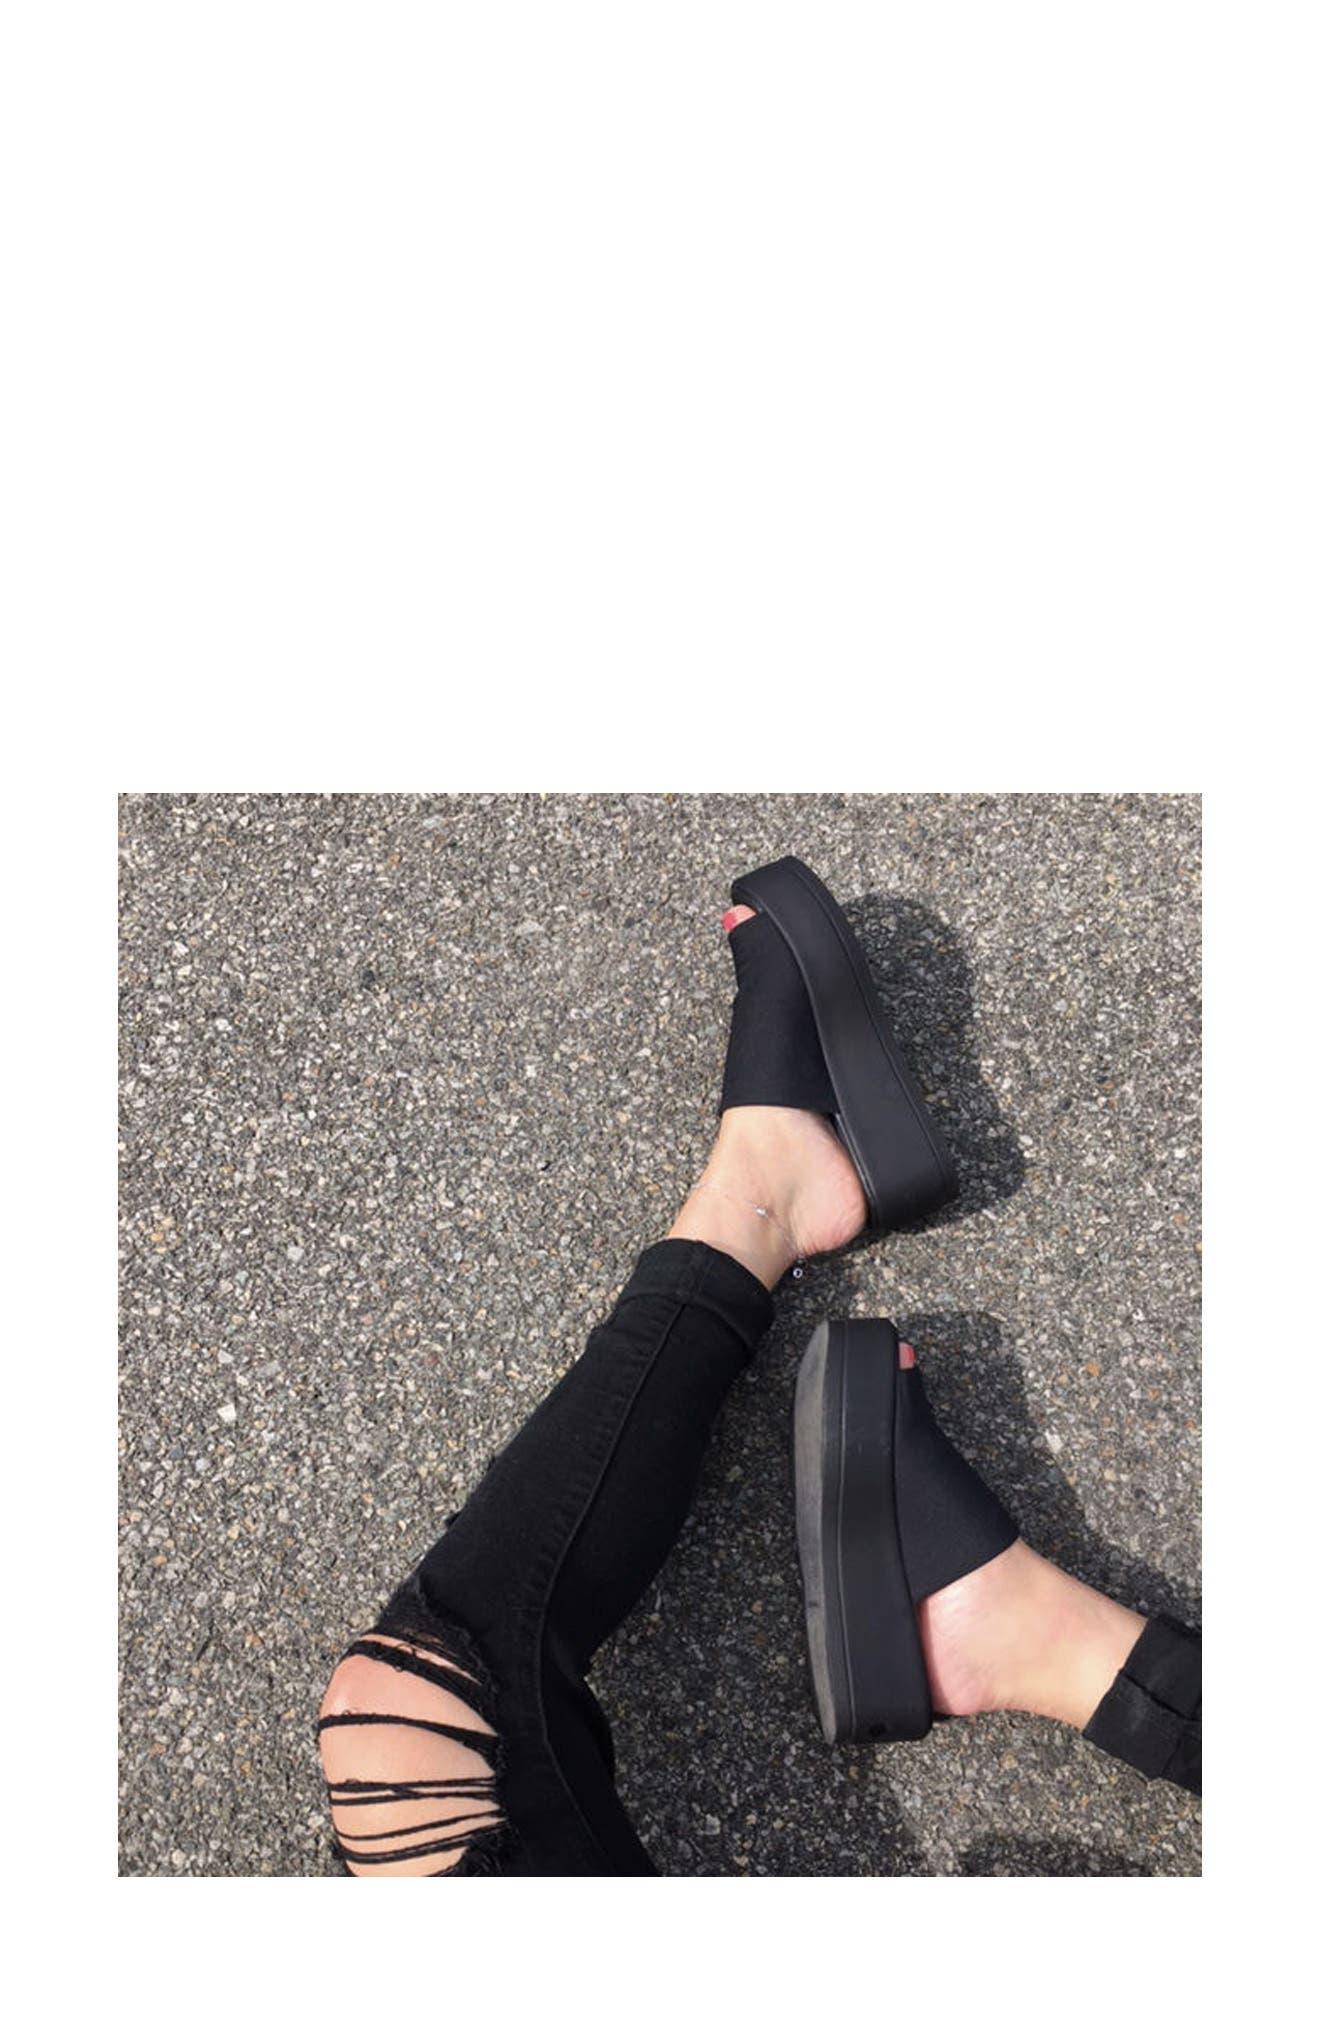 STEVE MADDEN, Slinky Platform Sandal, Alternate thumbnail 7, color, 001